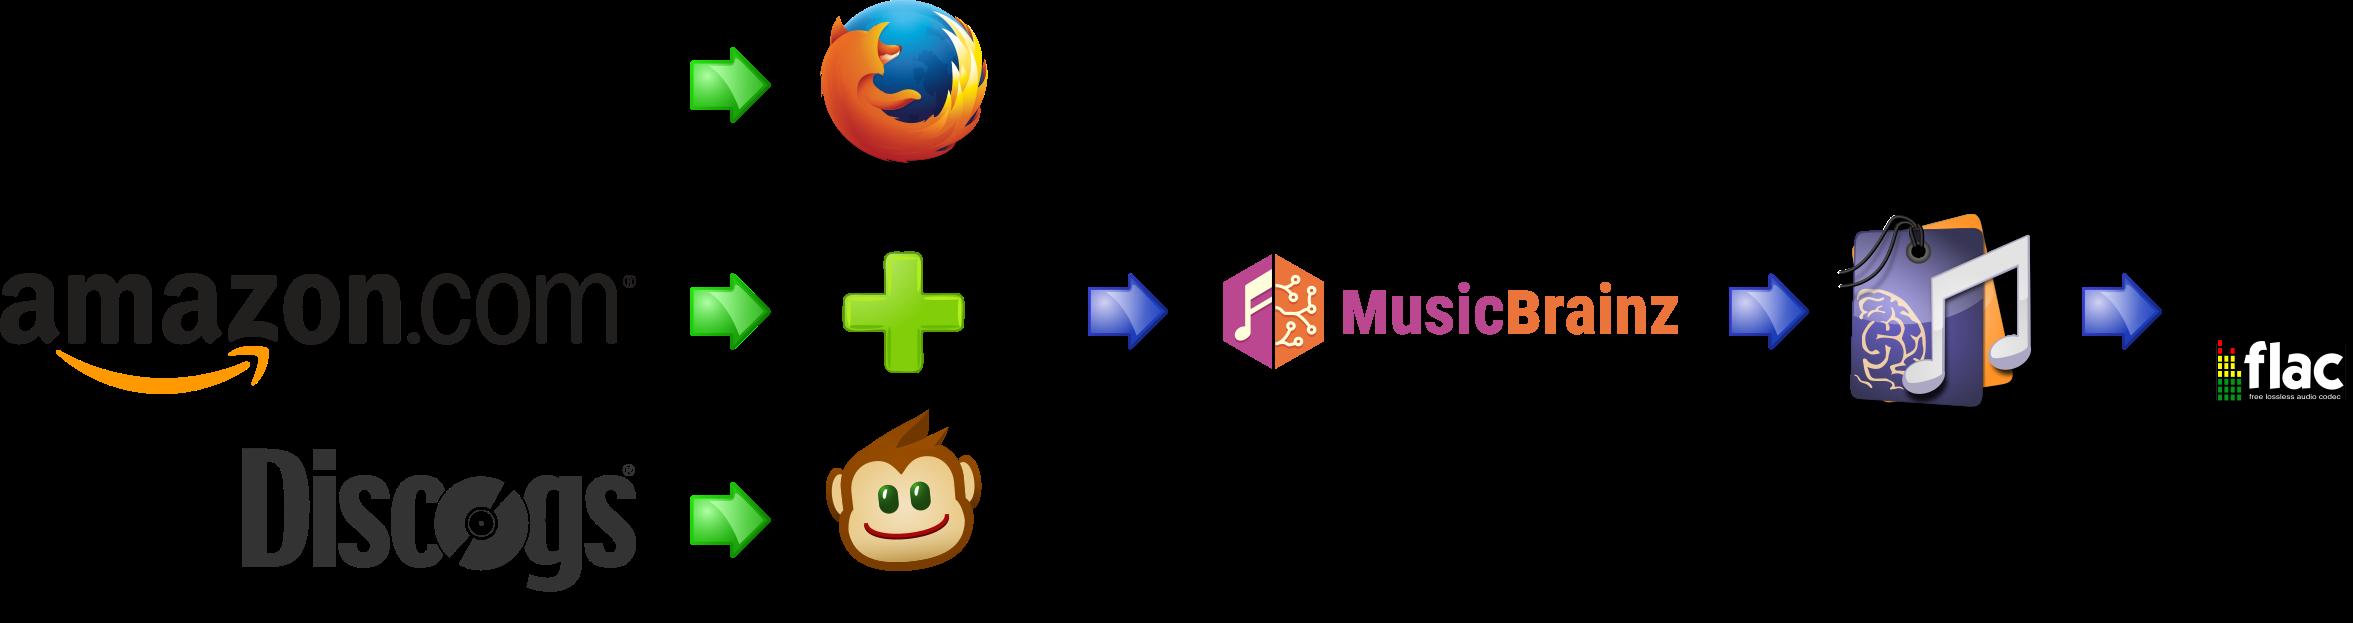 workflow d ajout d album musicbrainz - Comment ajouter un album à MusicBrainz